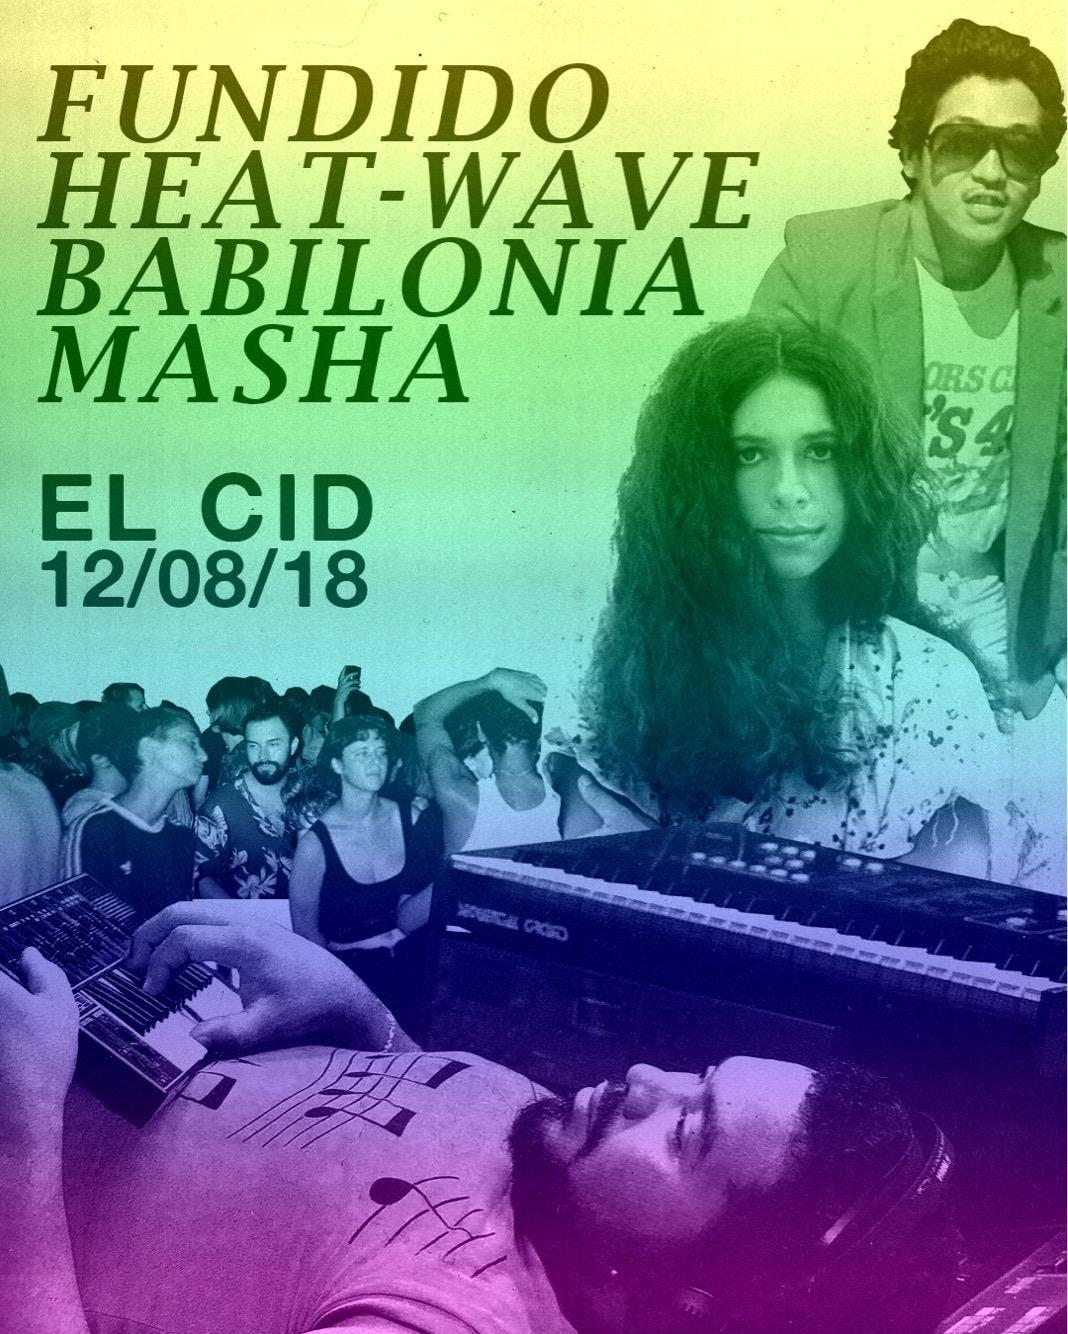 Fundido / Heat-Wave / Babilonia / Masha - Holiday Party